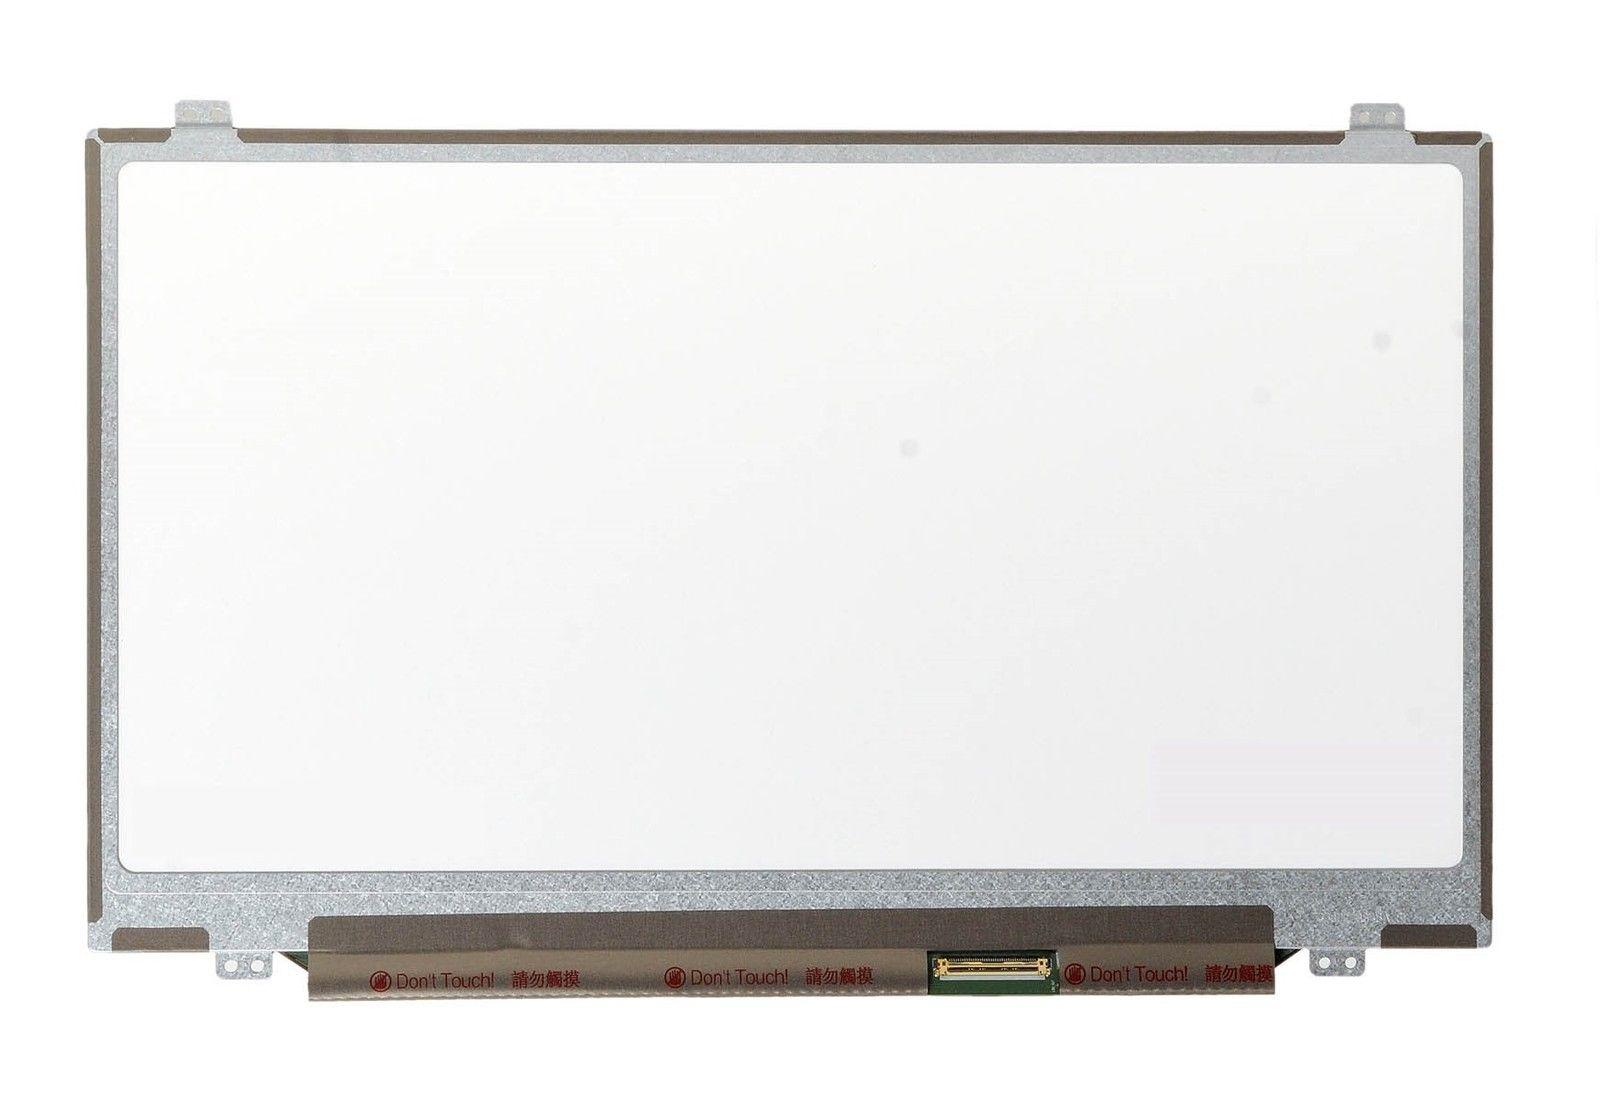 For Gateway ID49C07u New 14.0 WXGA LED LCD Screen Display 1366x768 ttlcd 15 6 lcd led screen for gateway ms2273 ms2274 ms2285